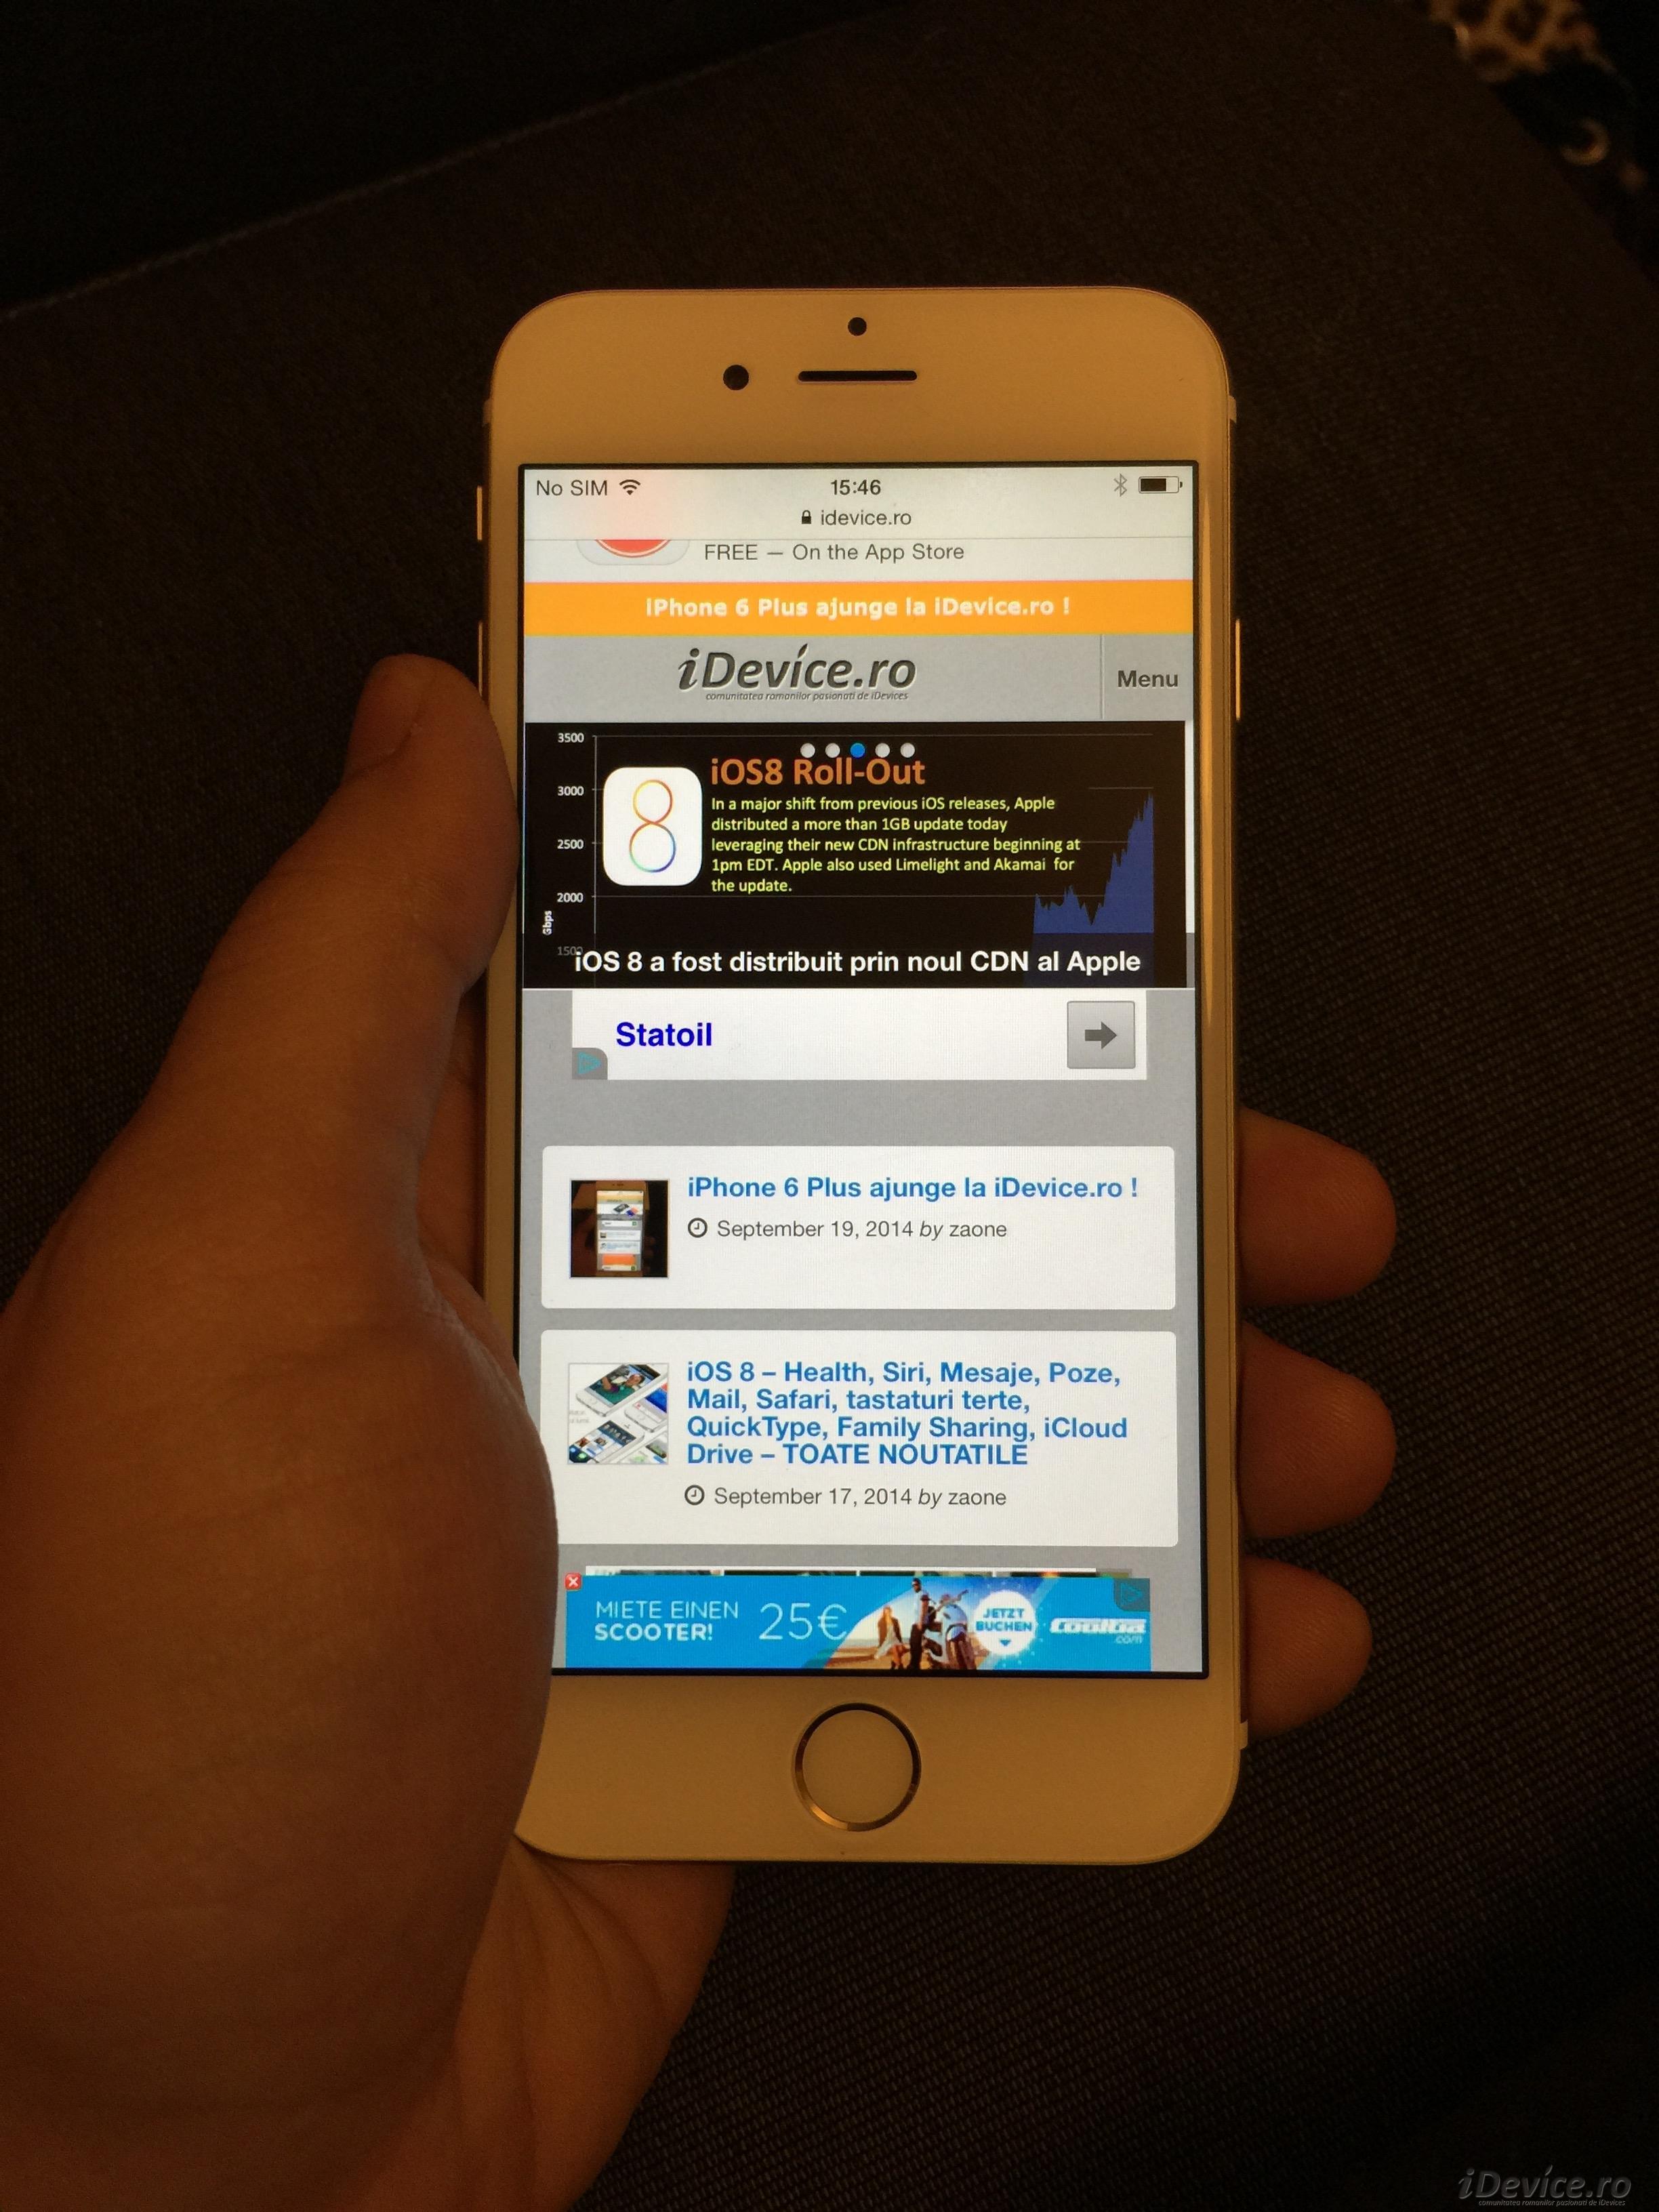 iPhone 6 la iDevice.ro